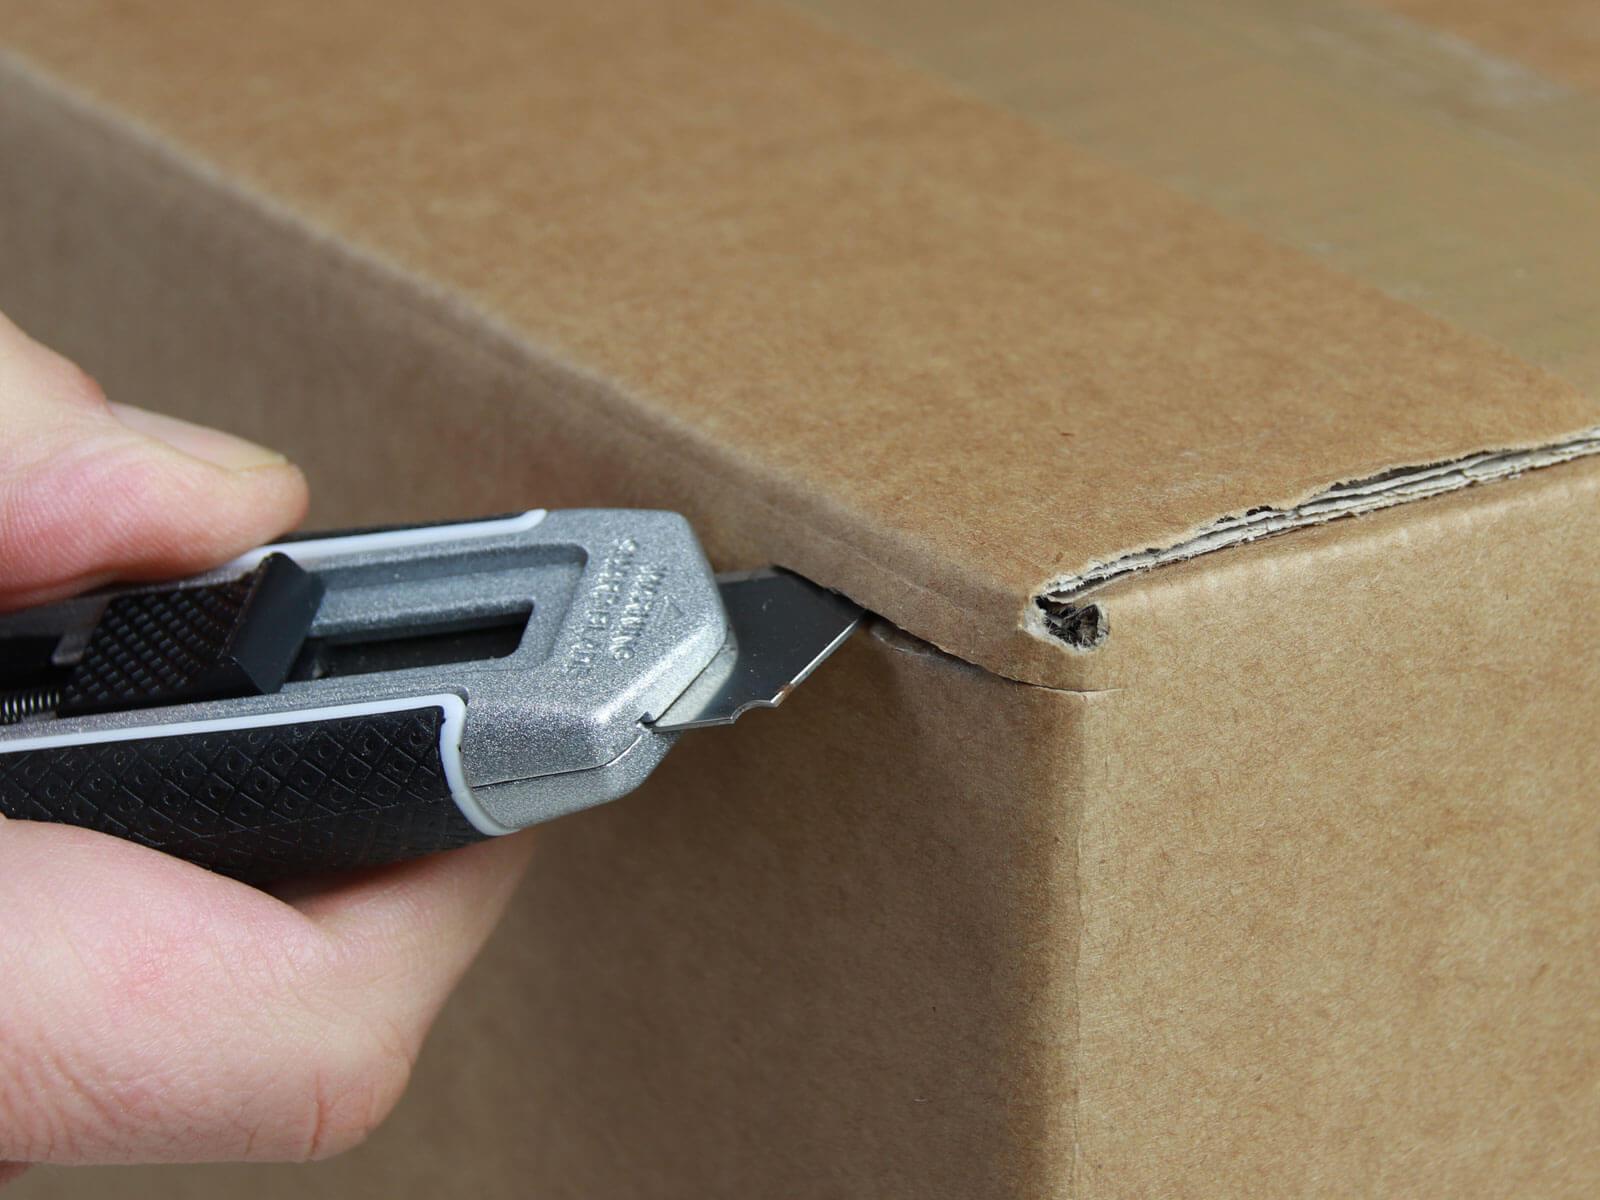 U002 Sicherheitsmesser automatischer Klingenrückzug lang Karton schneiden abdeckeln CURT-tools